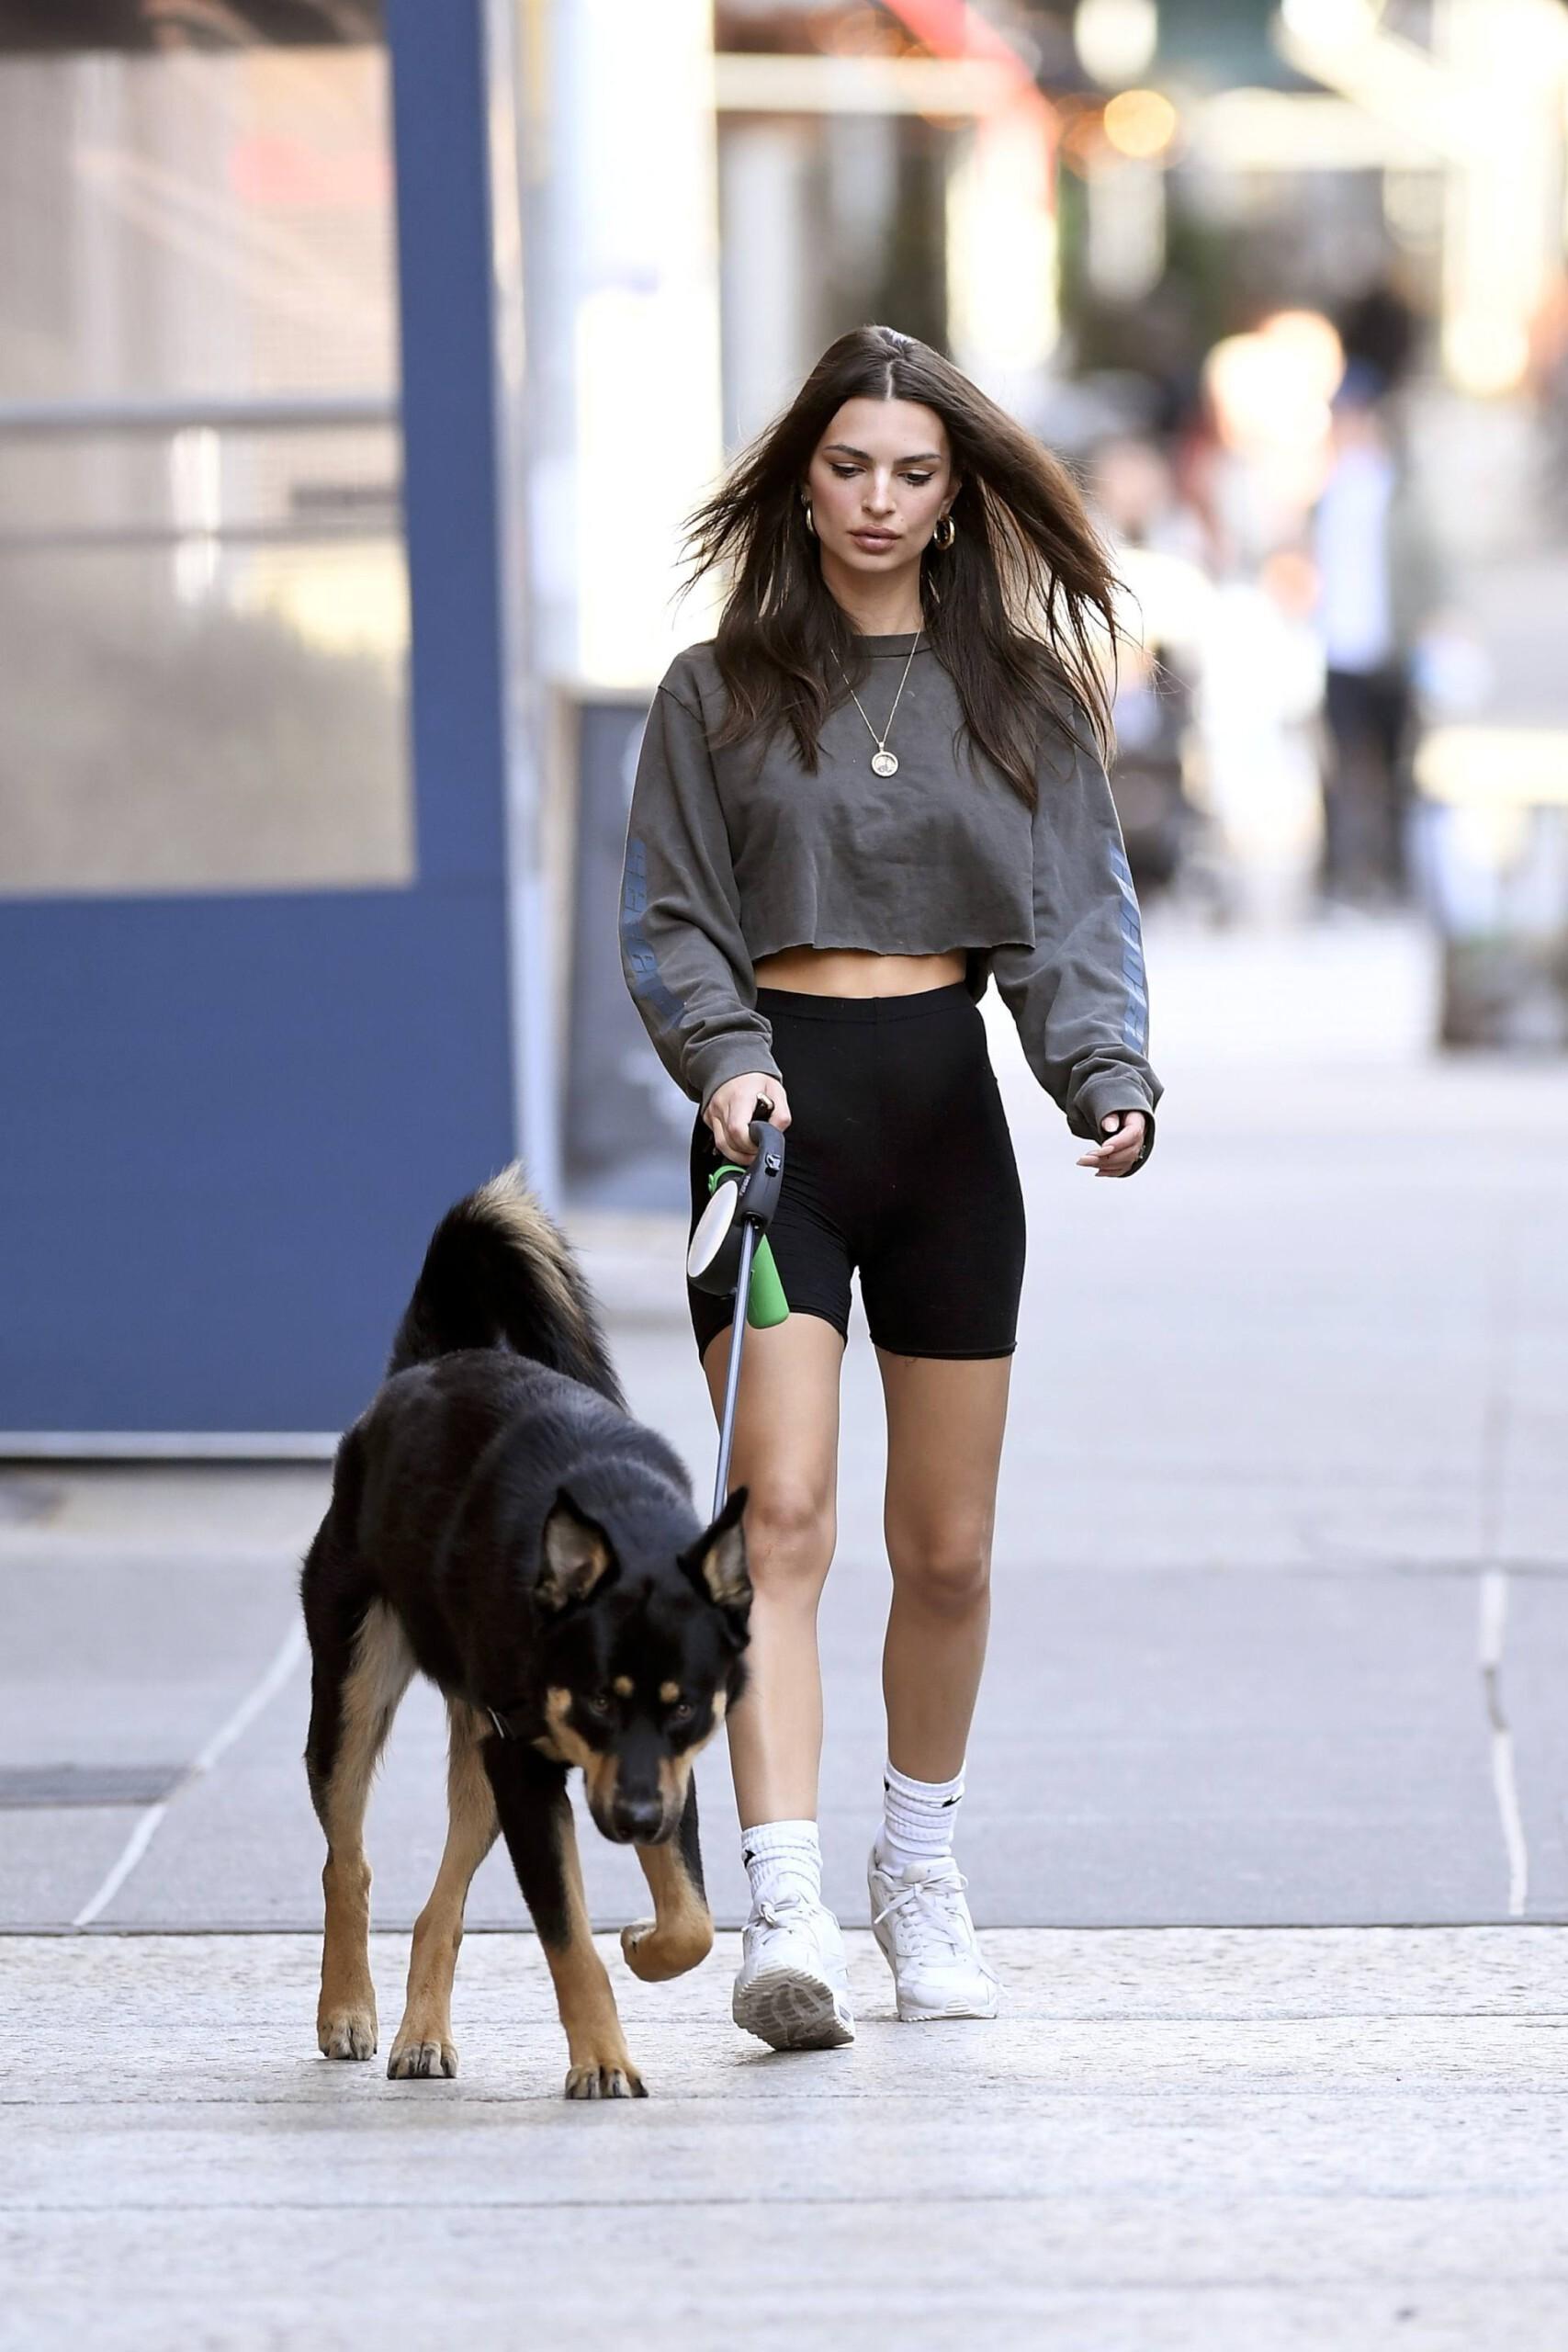 Emily Ratajkowski Leggy In Sexy Short Leggings Walking Her Dog In New York City